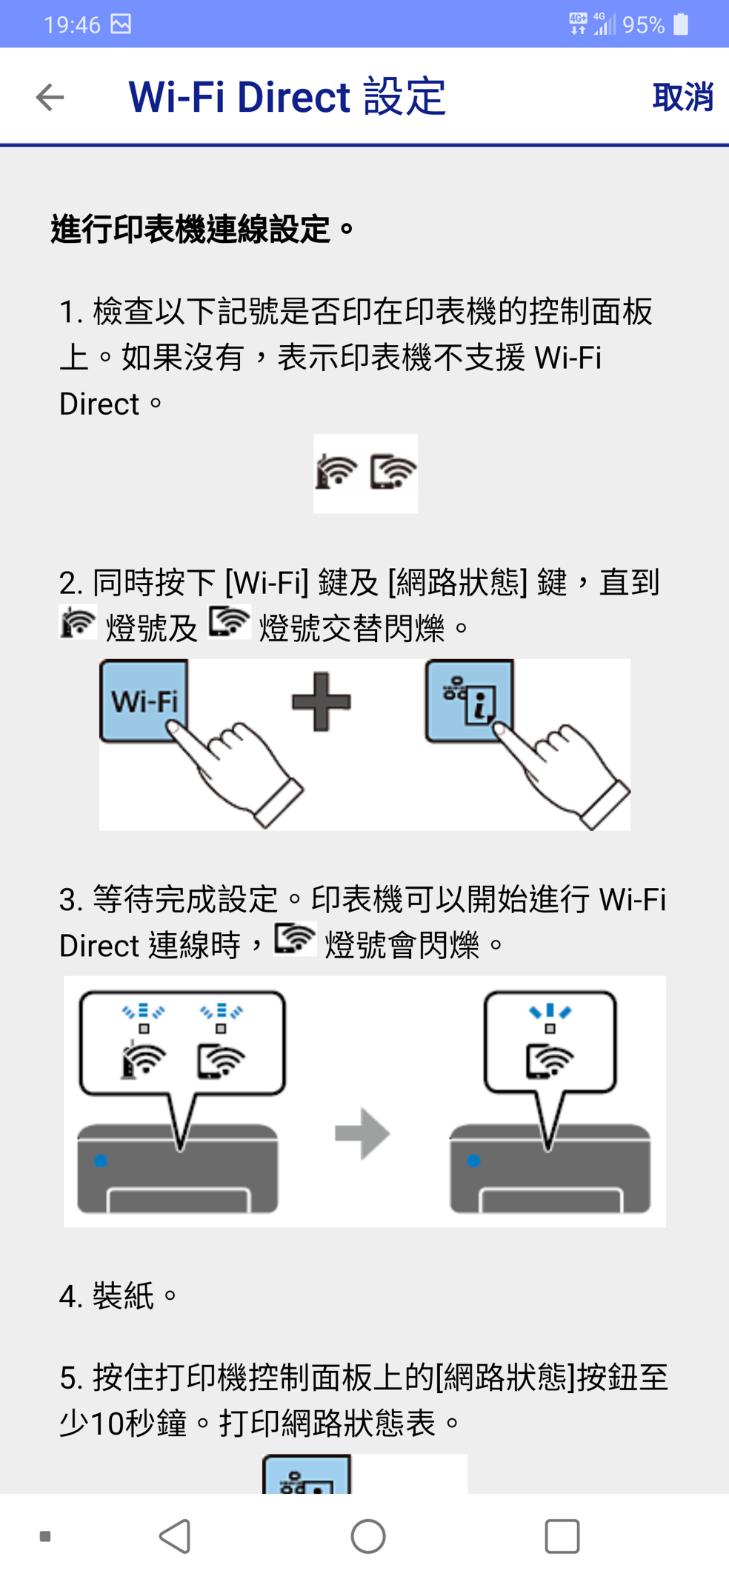 機器耗材都平價!單張列印0 066 元起,Epson L3150 高速Wi-Fi 三